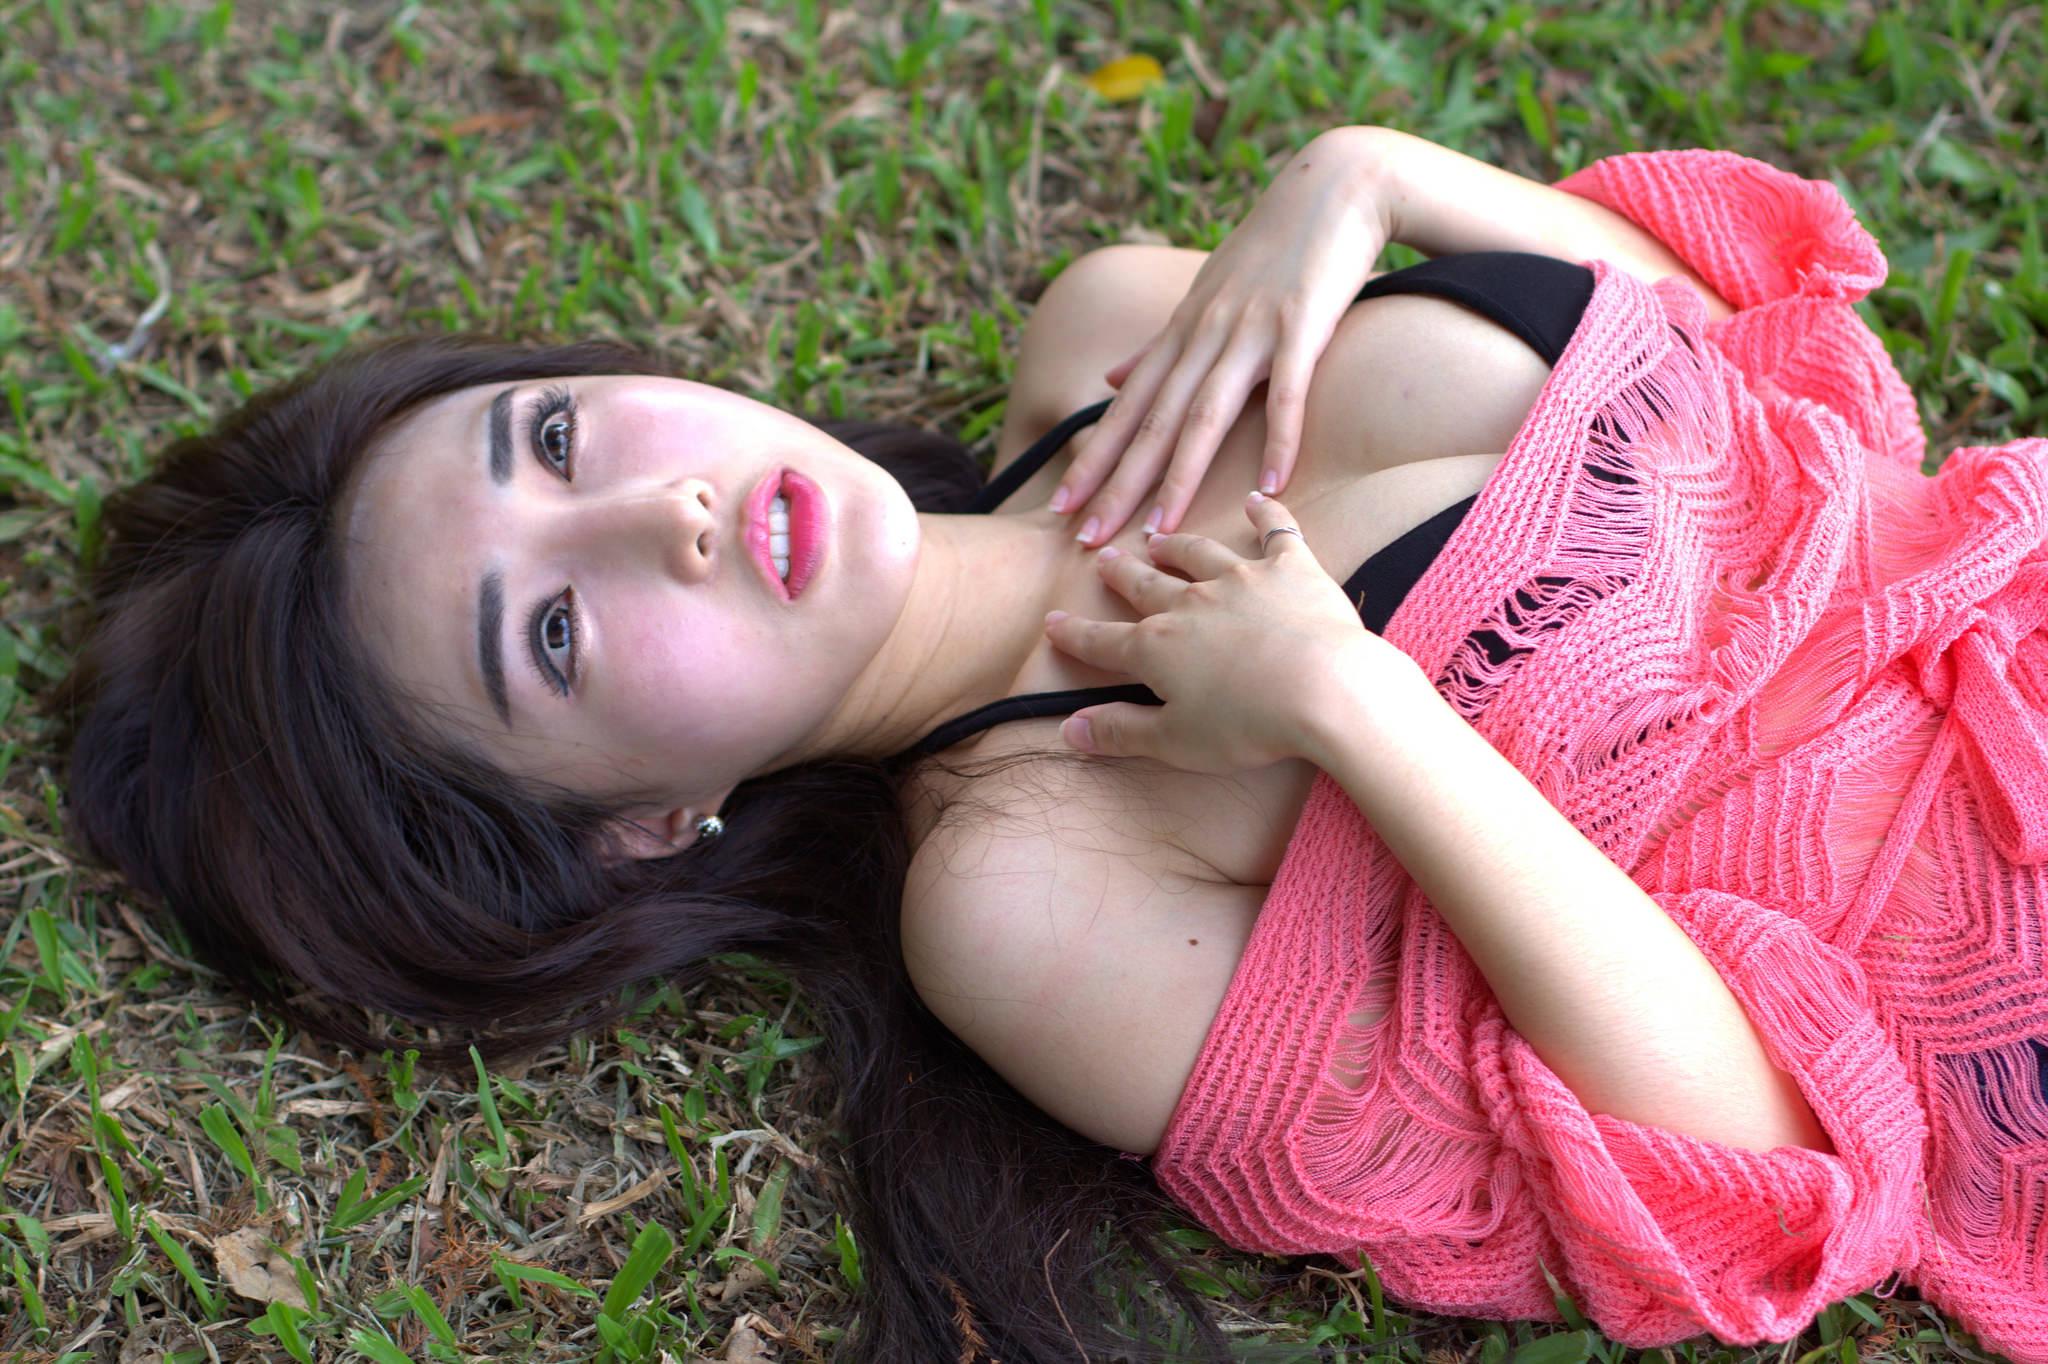 成熟女子  风韵迷人 - 花開有聲 - 花開有聲